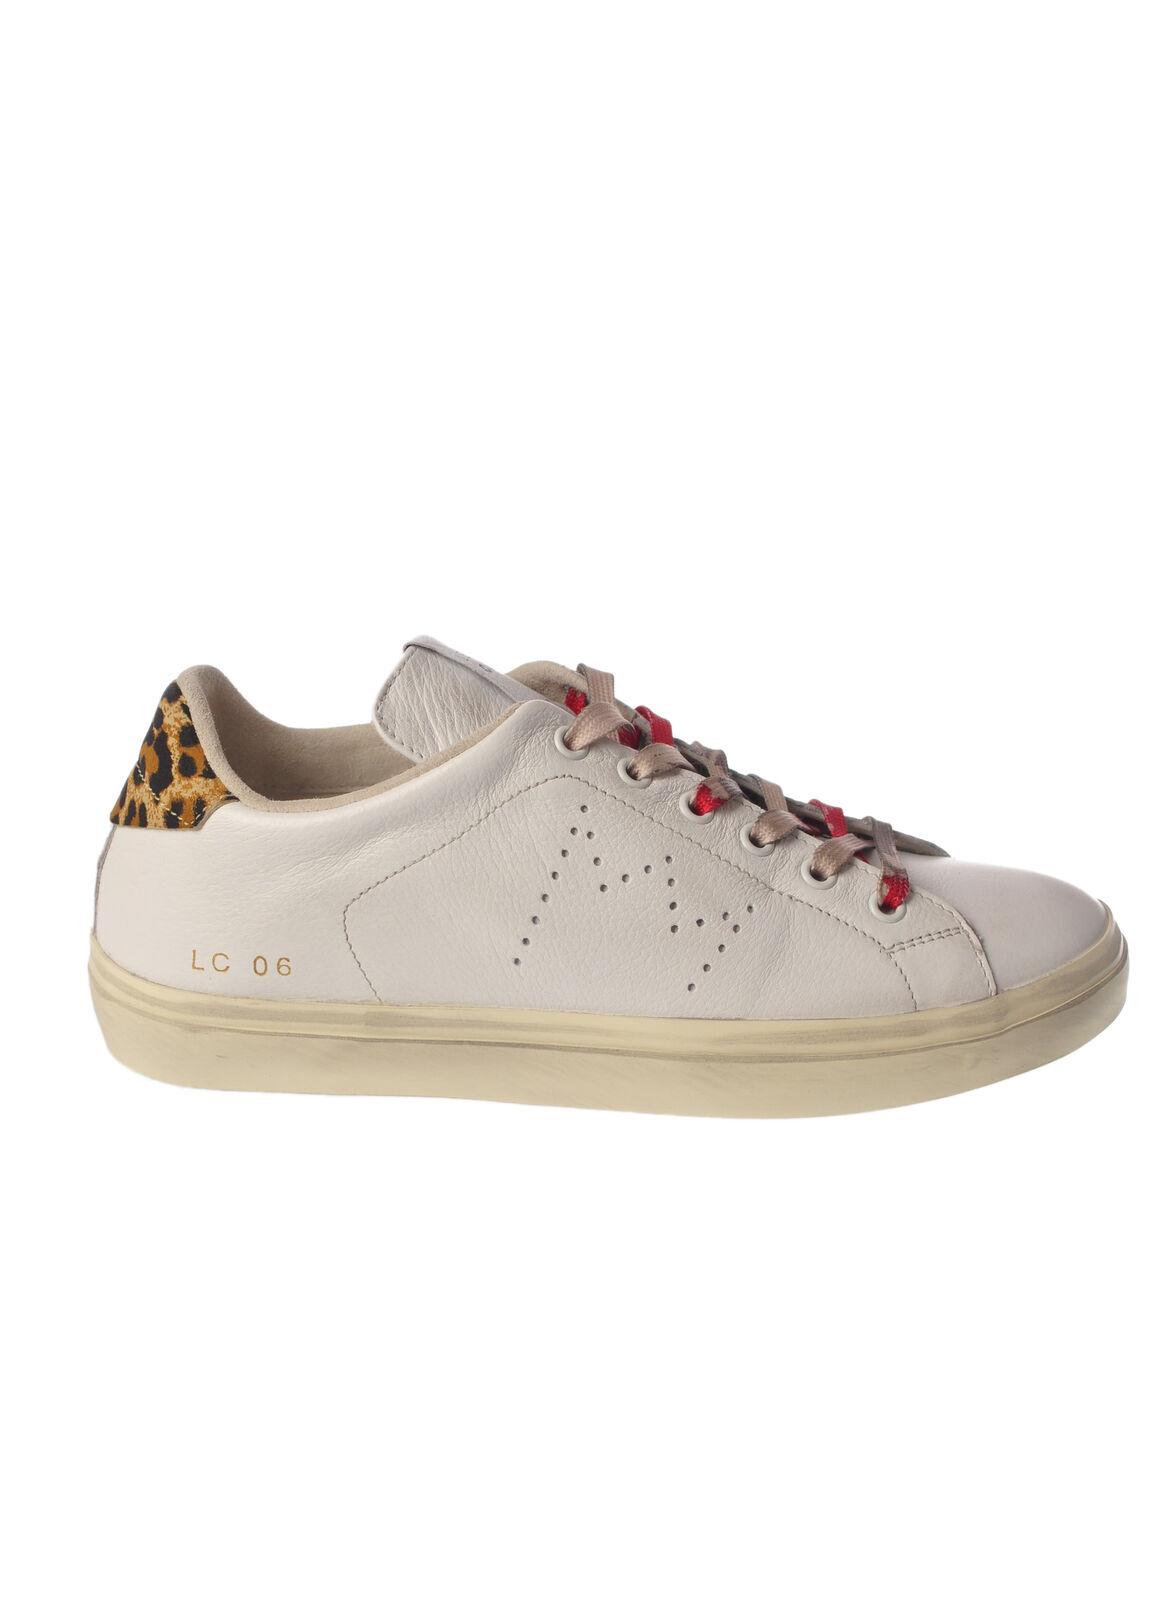 Leather Crown - zapatos-zapatilla de de de deporte-niedrige - Frau - blanco - 4994011D183900  orden en línea